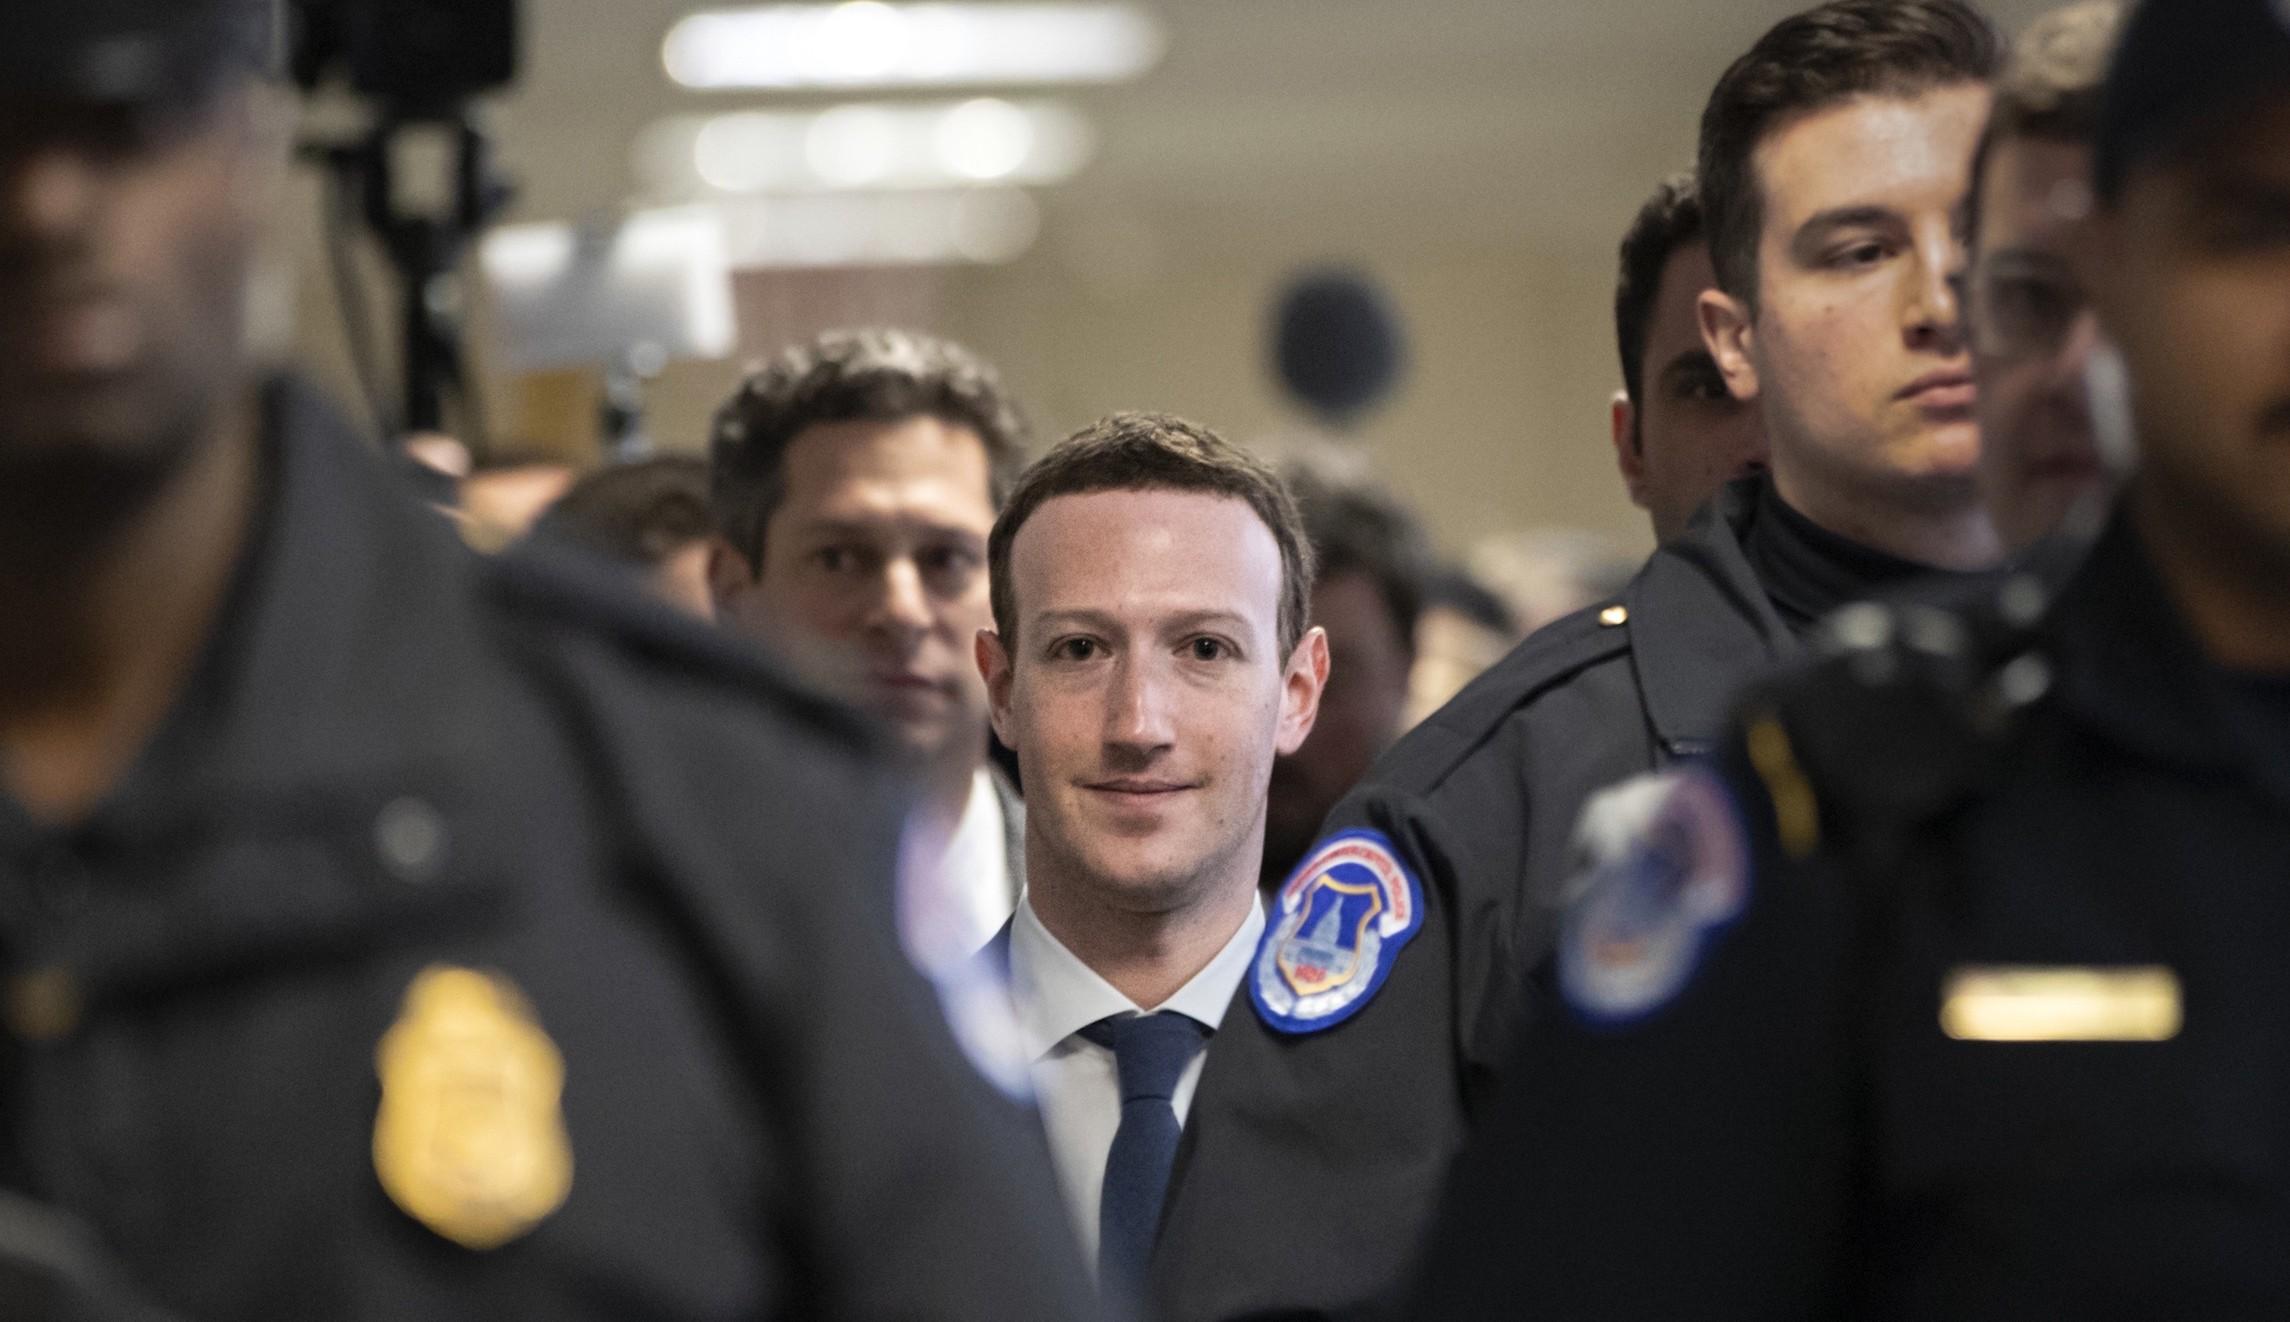 Facebook kapatılacak mı? Facebook için beklenen karar açıklandı!